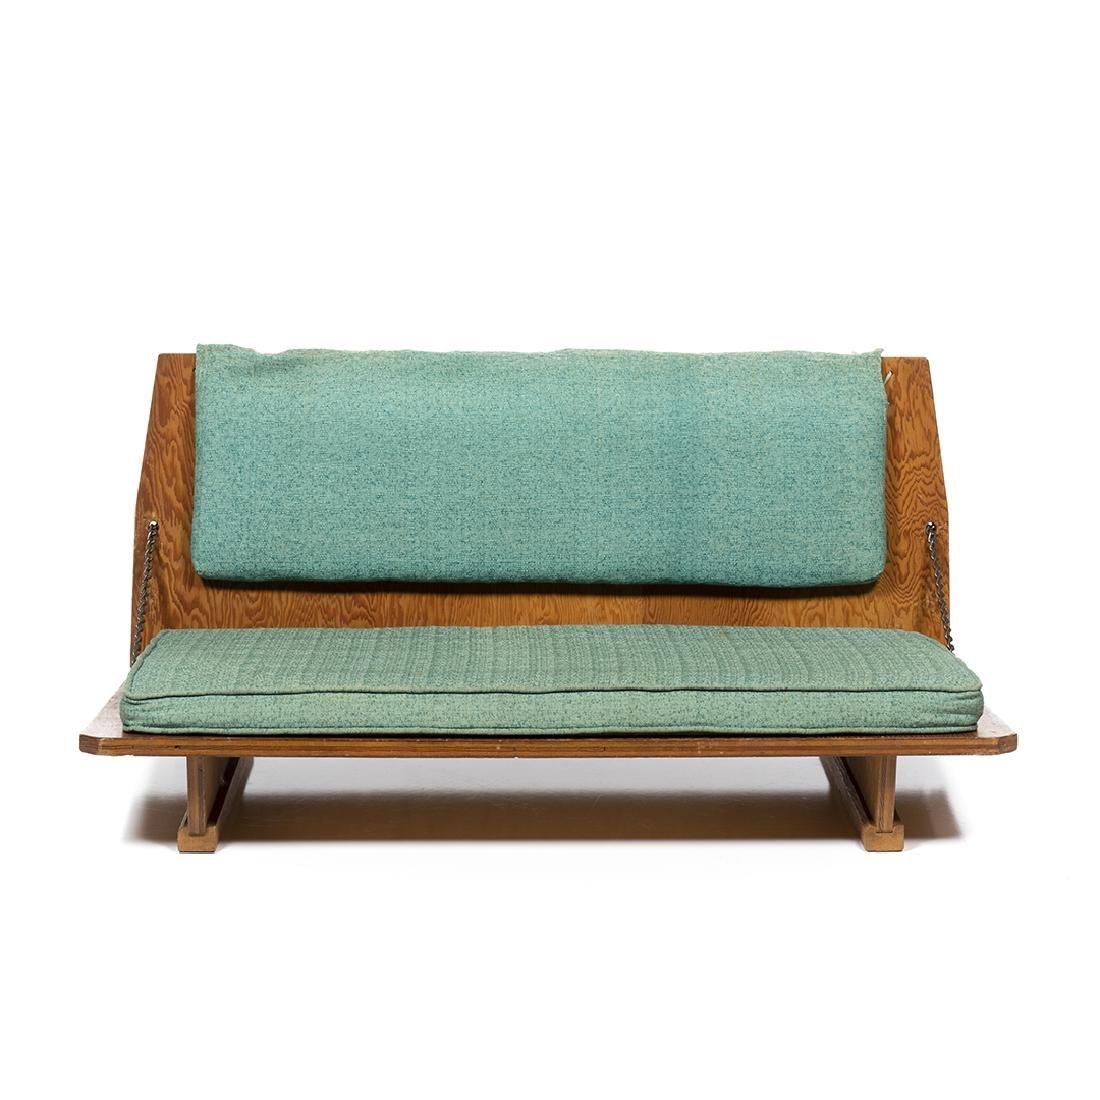 Frank Lloyd Wright Bench